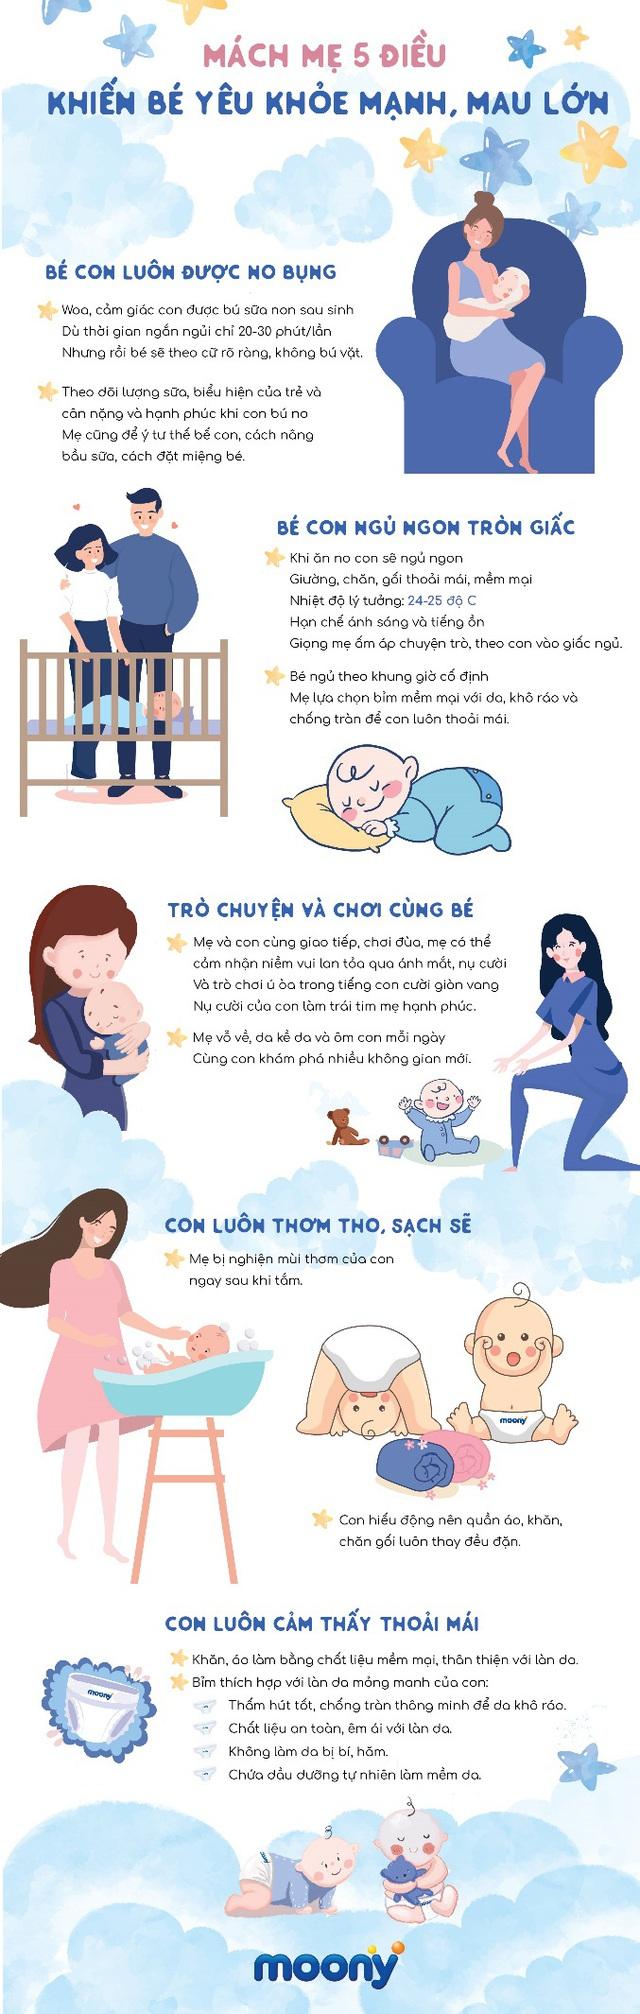 Mách mẹ 5 điều khiến bé yêu khỏe mạnh, mau lớn - Ảnh 1.